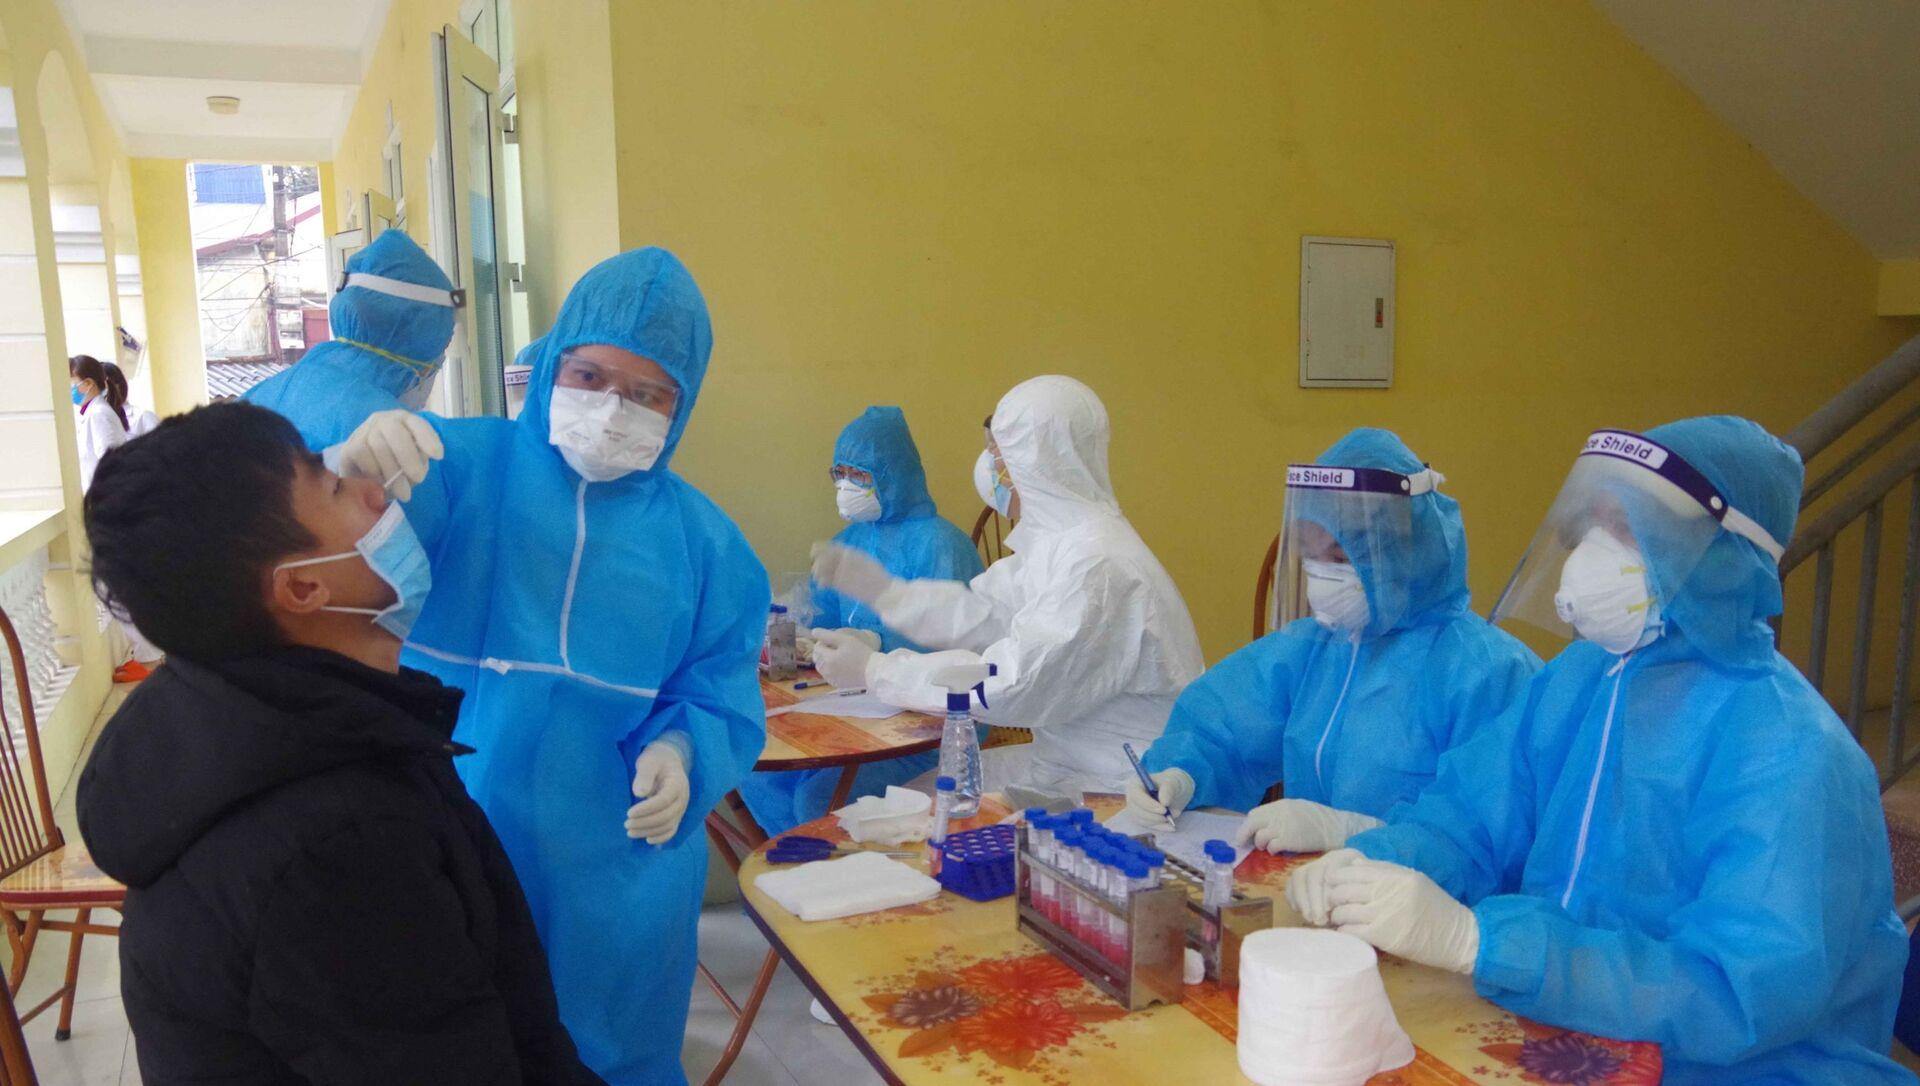 Tỉnh Hưng Yên tổ chức lấy mẫu xét nghiệm tầm soát Covid-19 cho 270 thanh niên trước khi lên đường nhập ngũ. - Sputnik Việt Nam, 1920, 01.03.2021